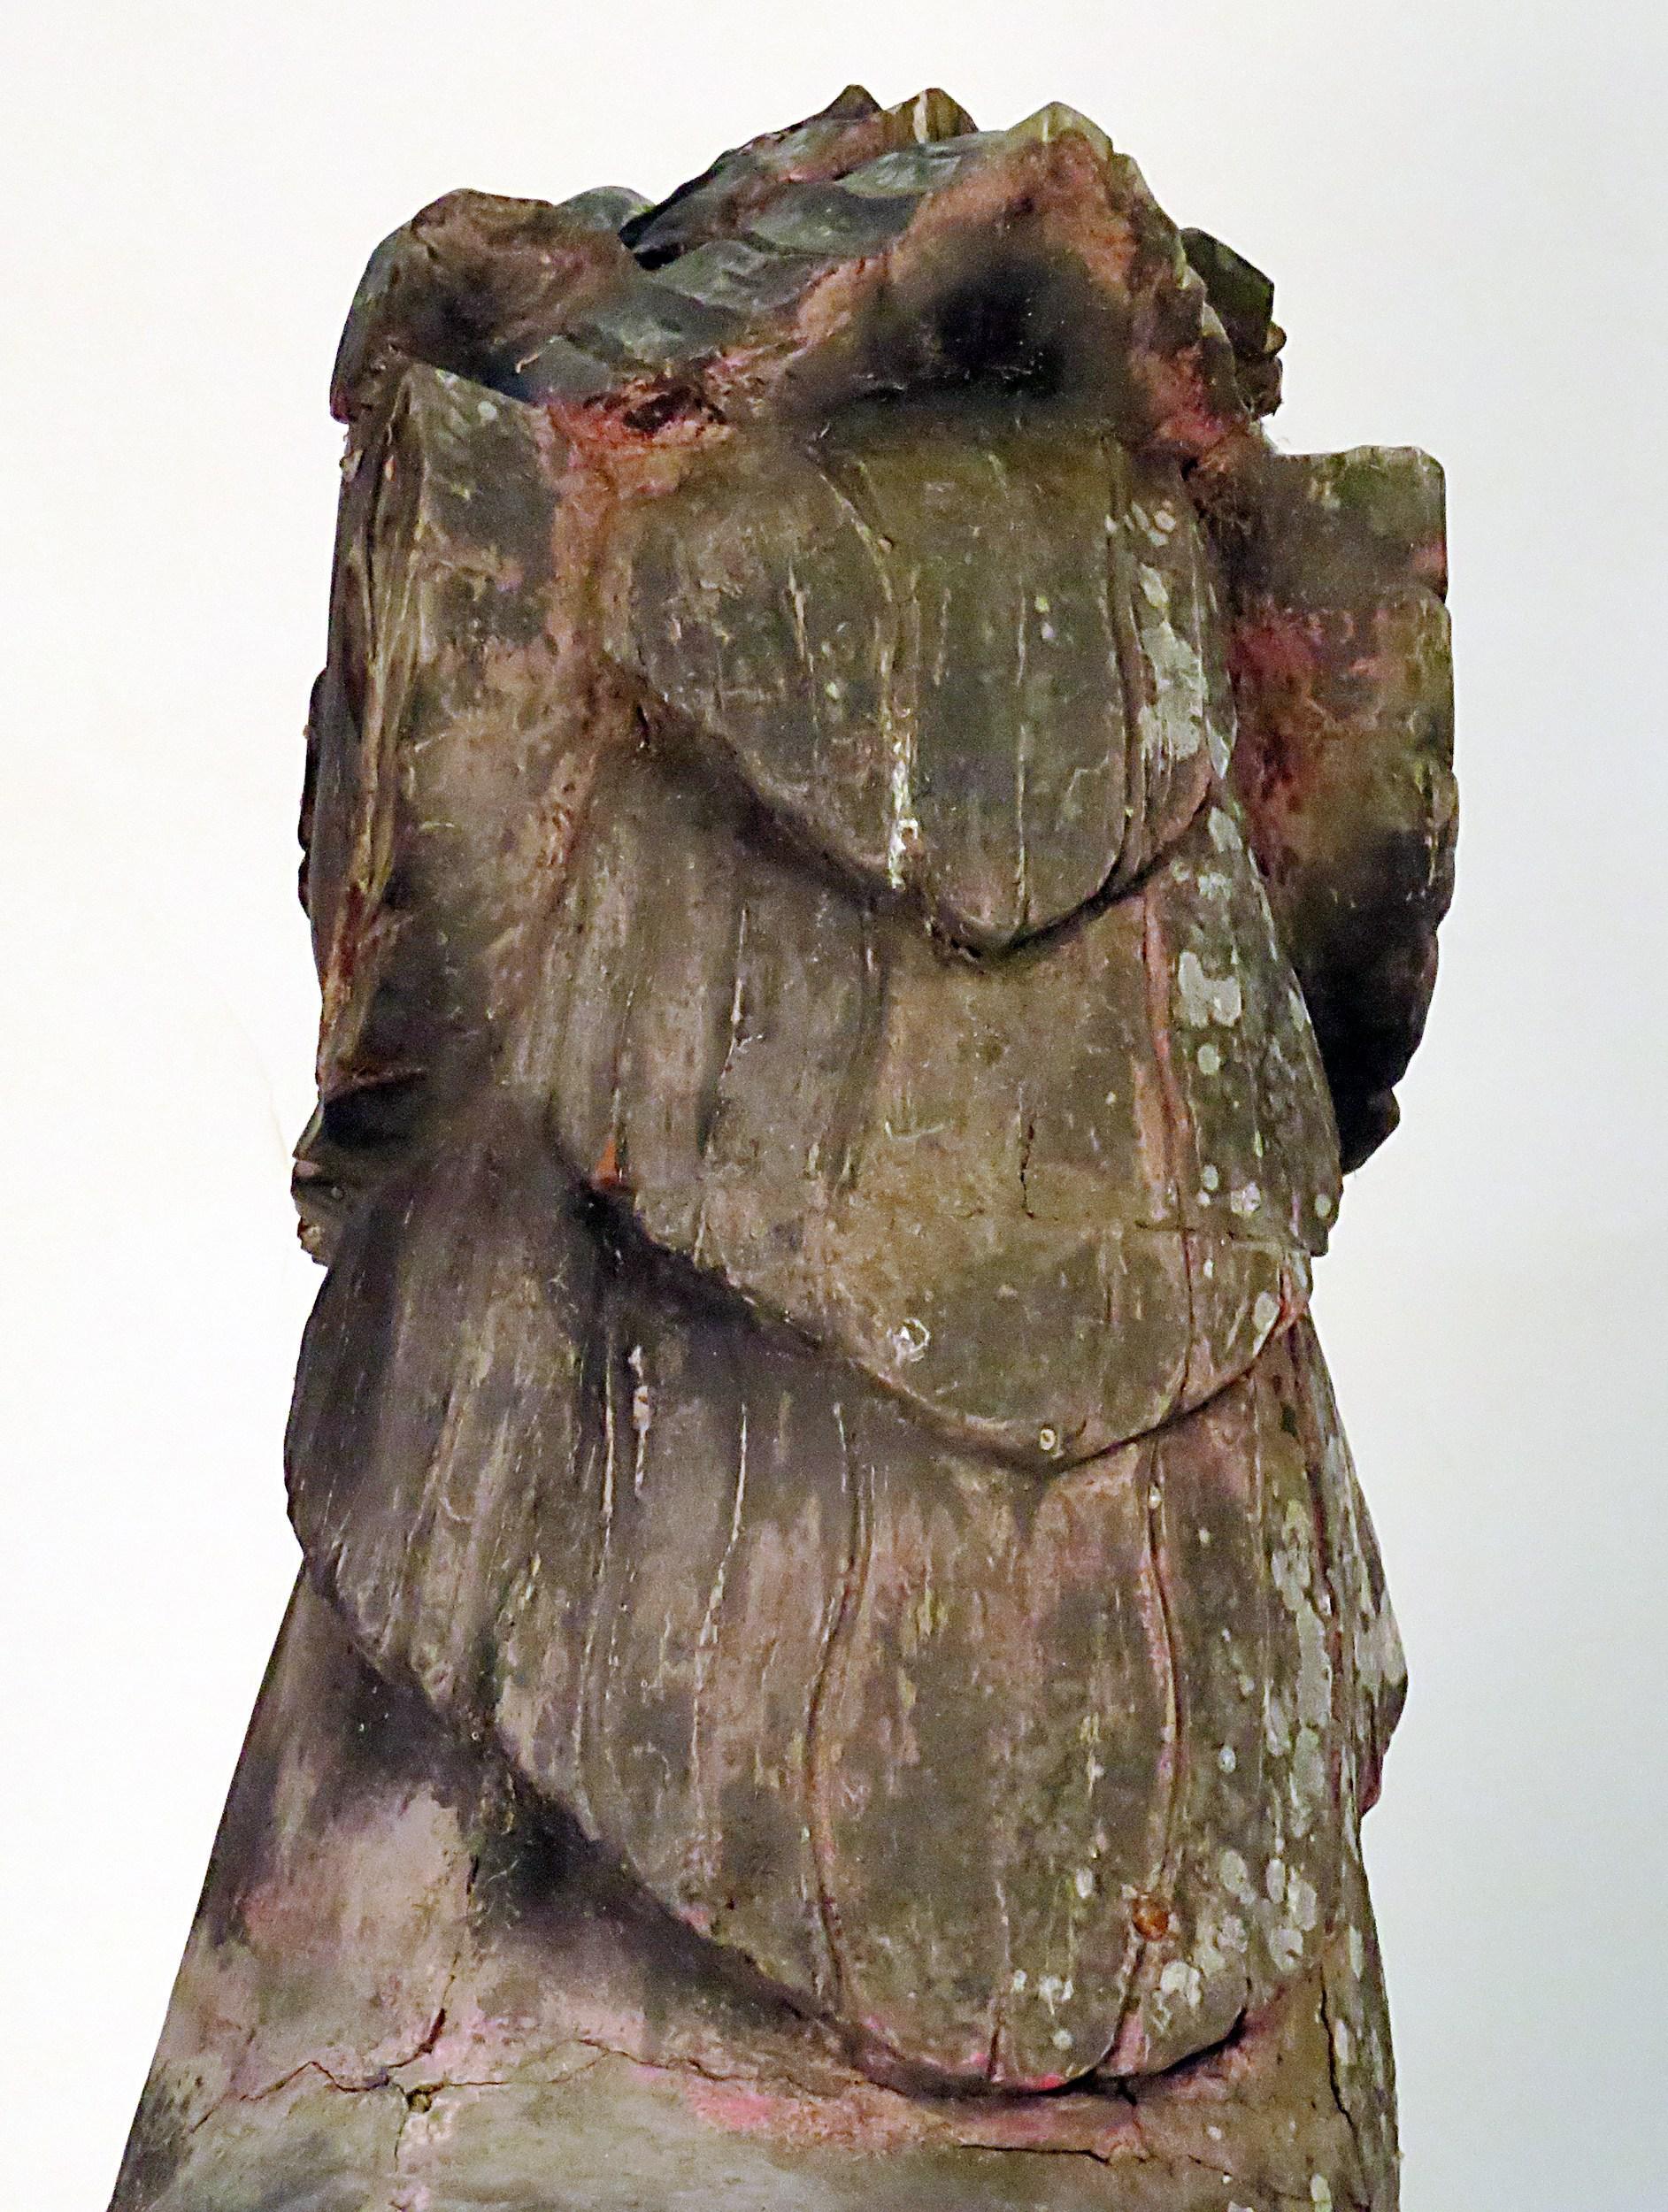 Chainsaw carving ricelandmeadows